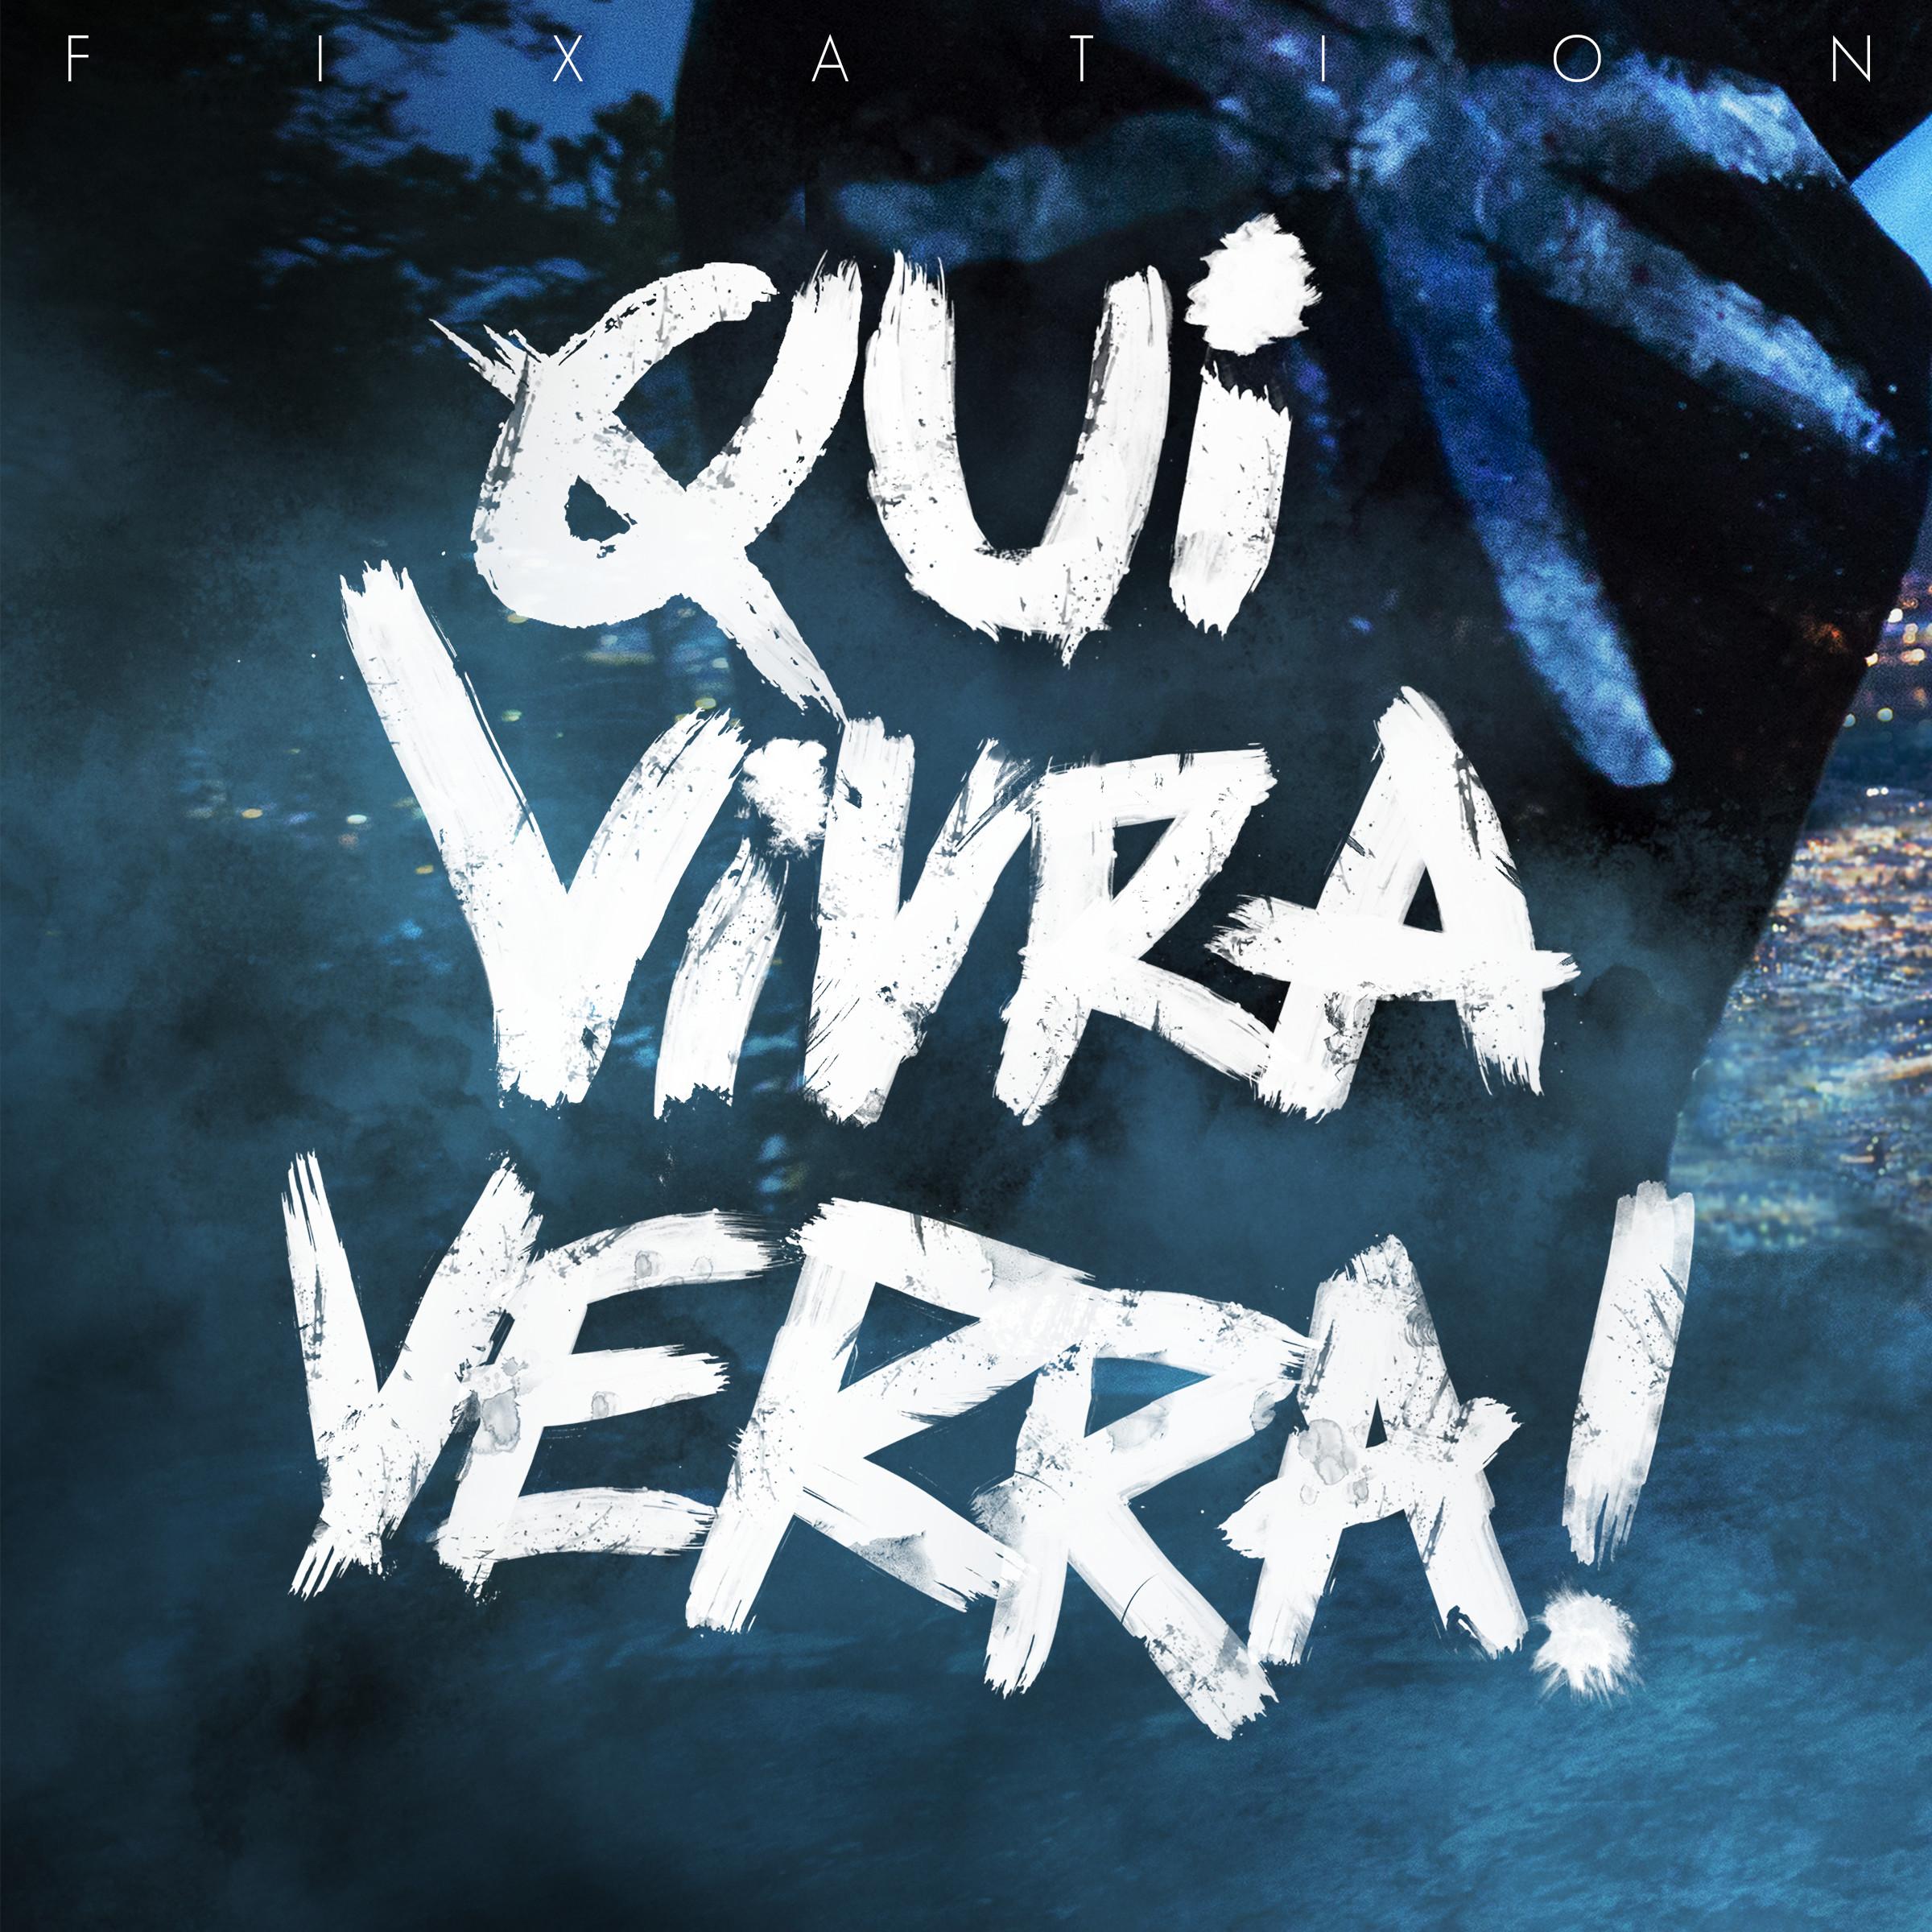 Qui Vivra Verra! - Cover Spotify.jpg